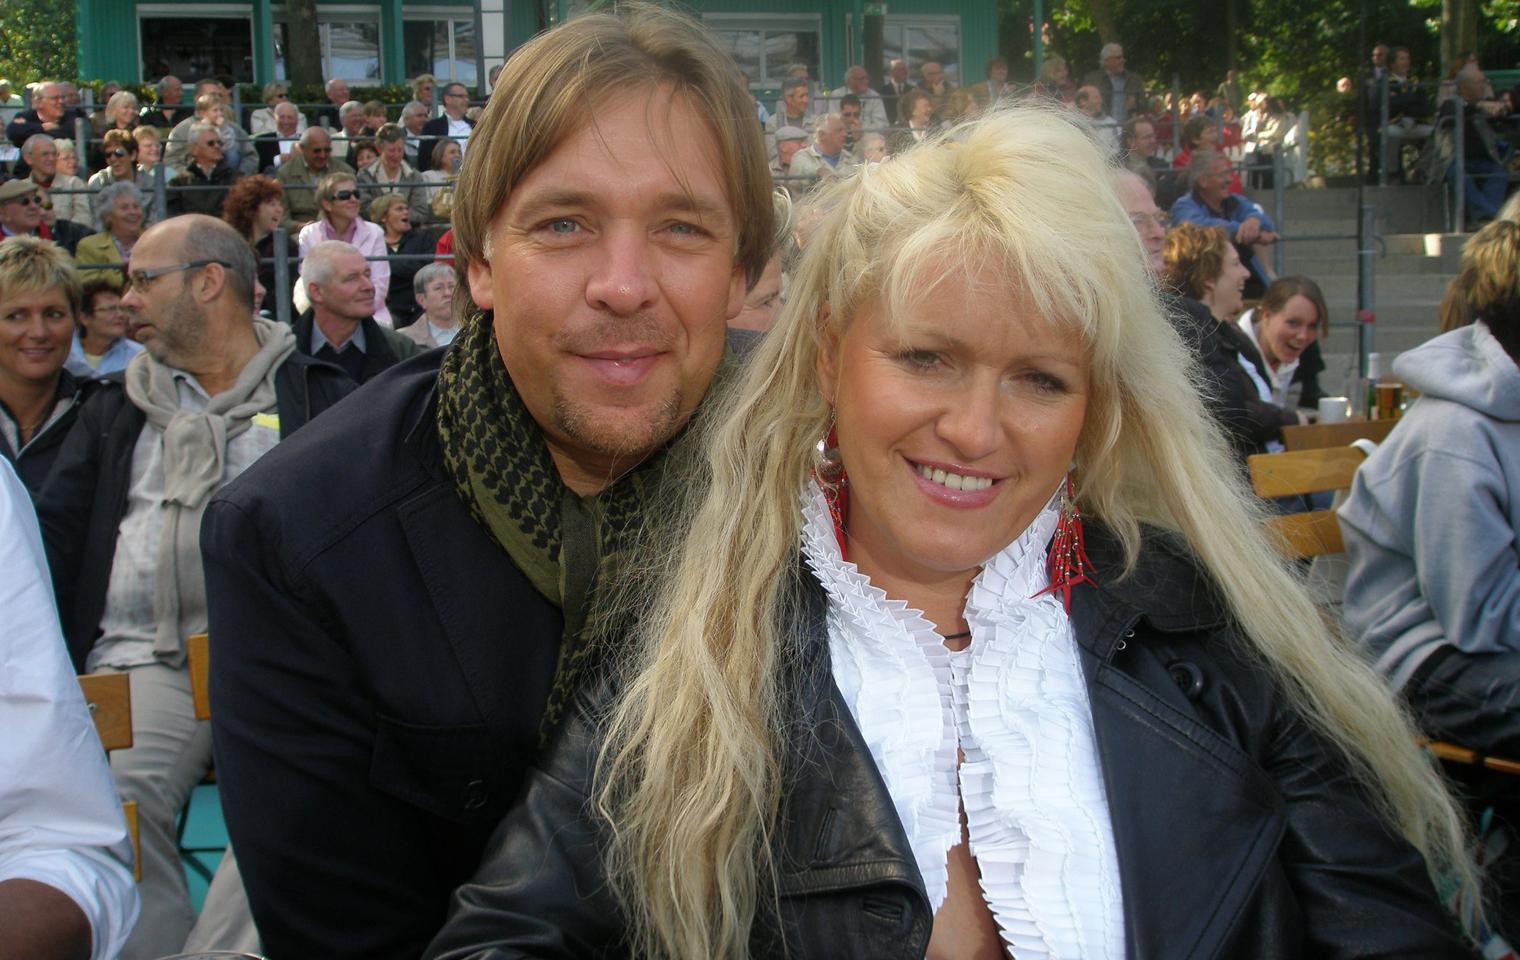 Sommerhaus Der Stars Big Brother Sabrina Lange Freund Thomas